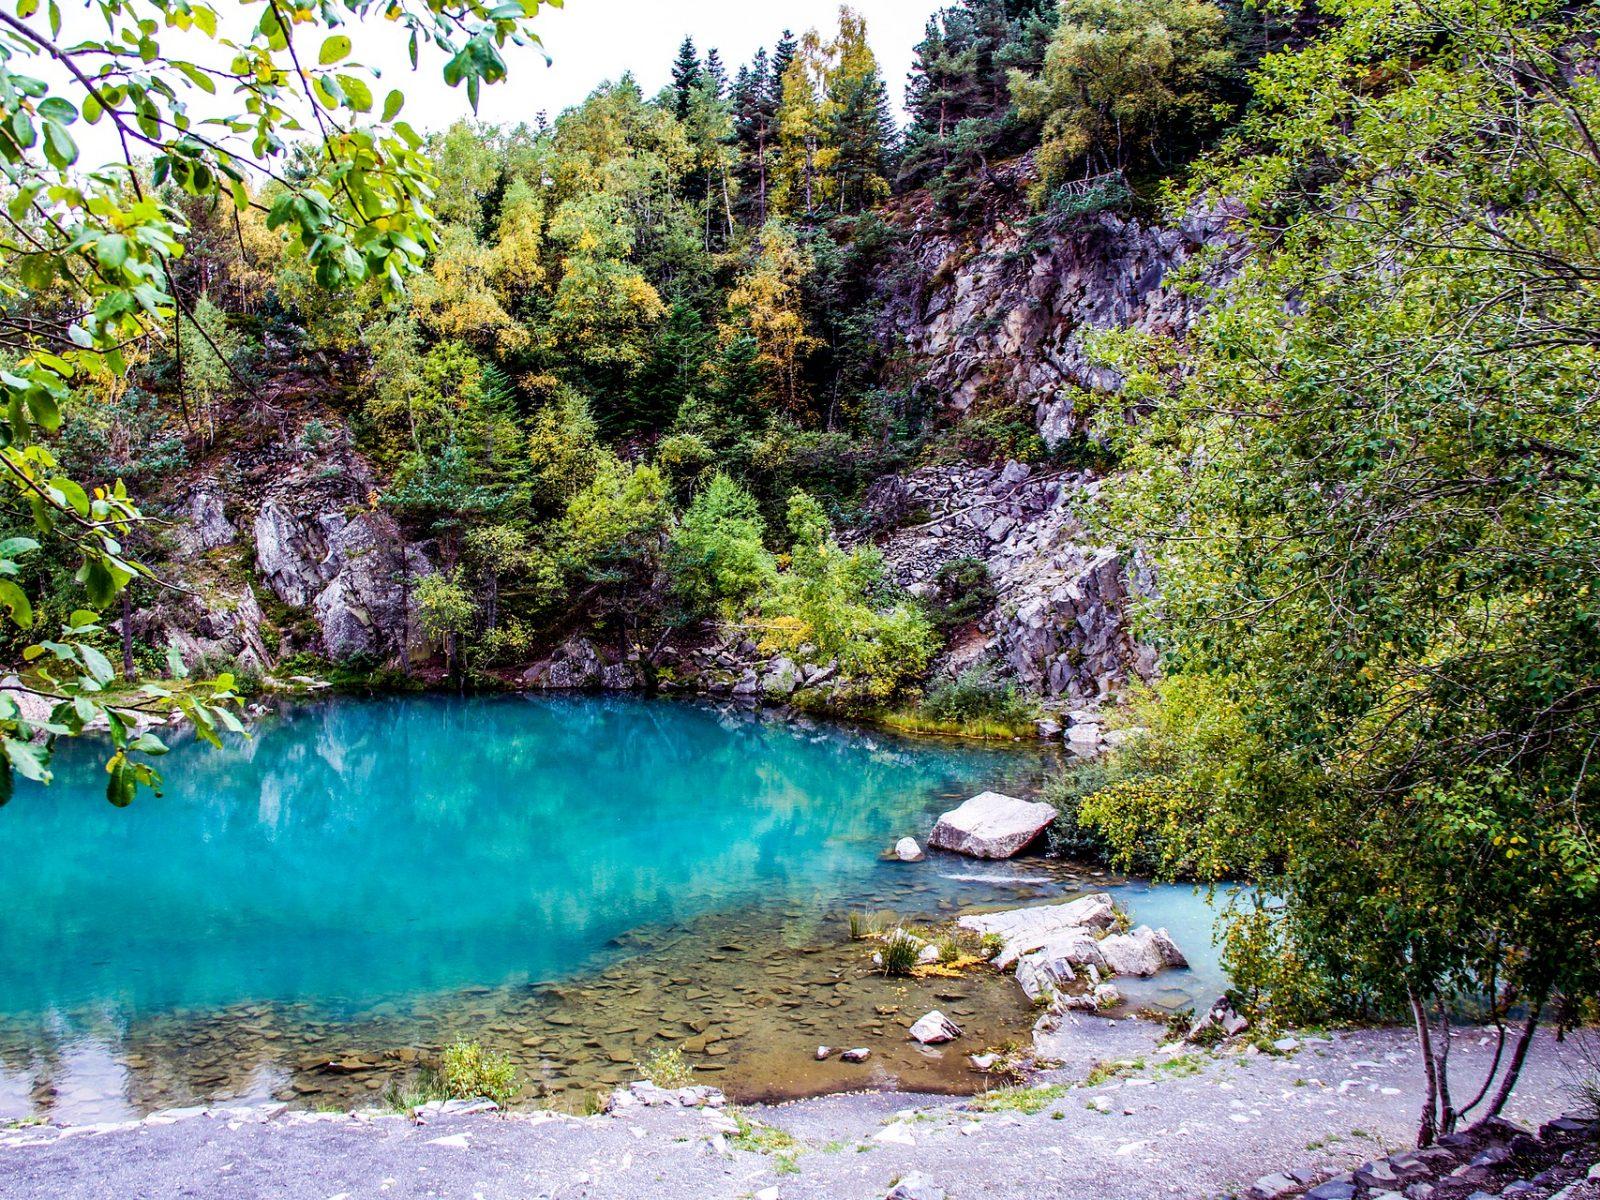 Vue sur un lac ou la couleur de l'eau est bleu turquoise.